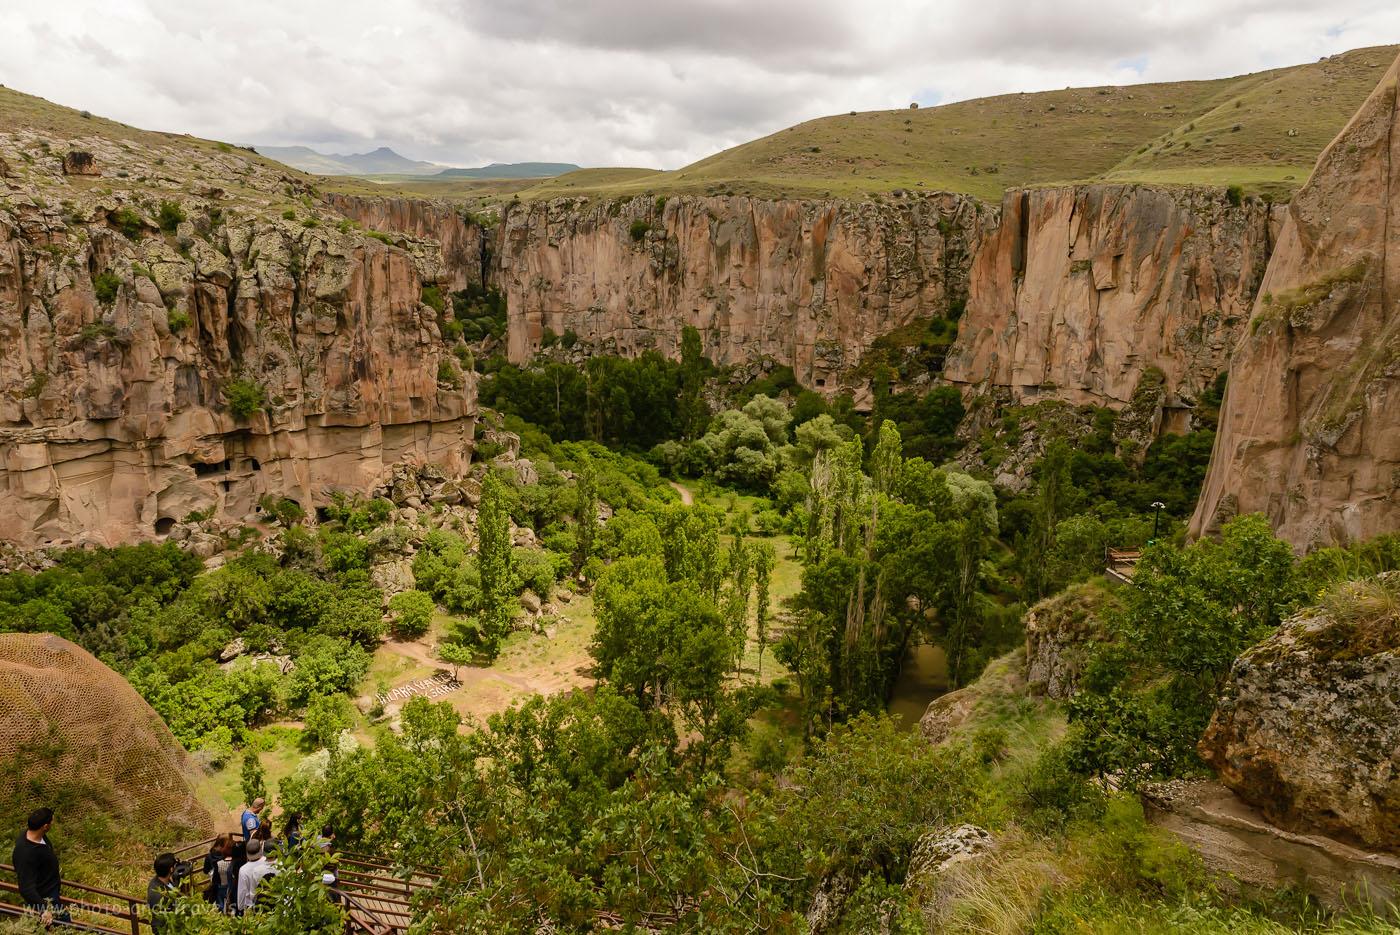 Фото 19. Каньон в долине Ихлара. Отзывы туристов об отдыхе в Турции самостоятельно. 1/1000, -2.0, 8.0, 400, 24.